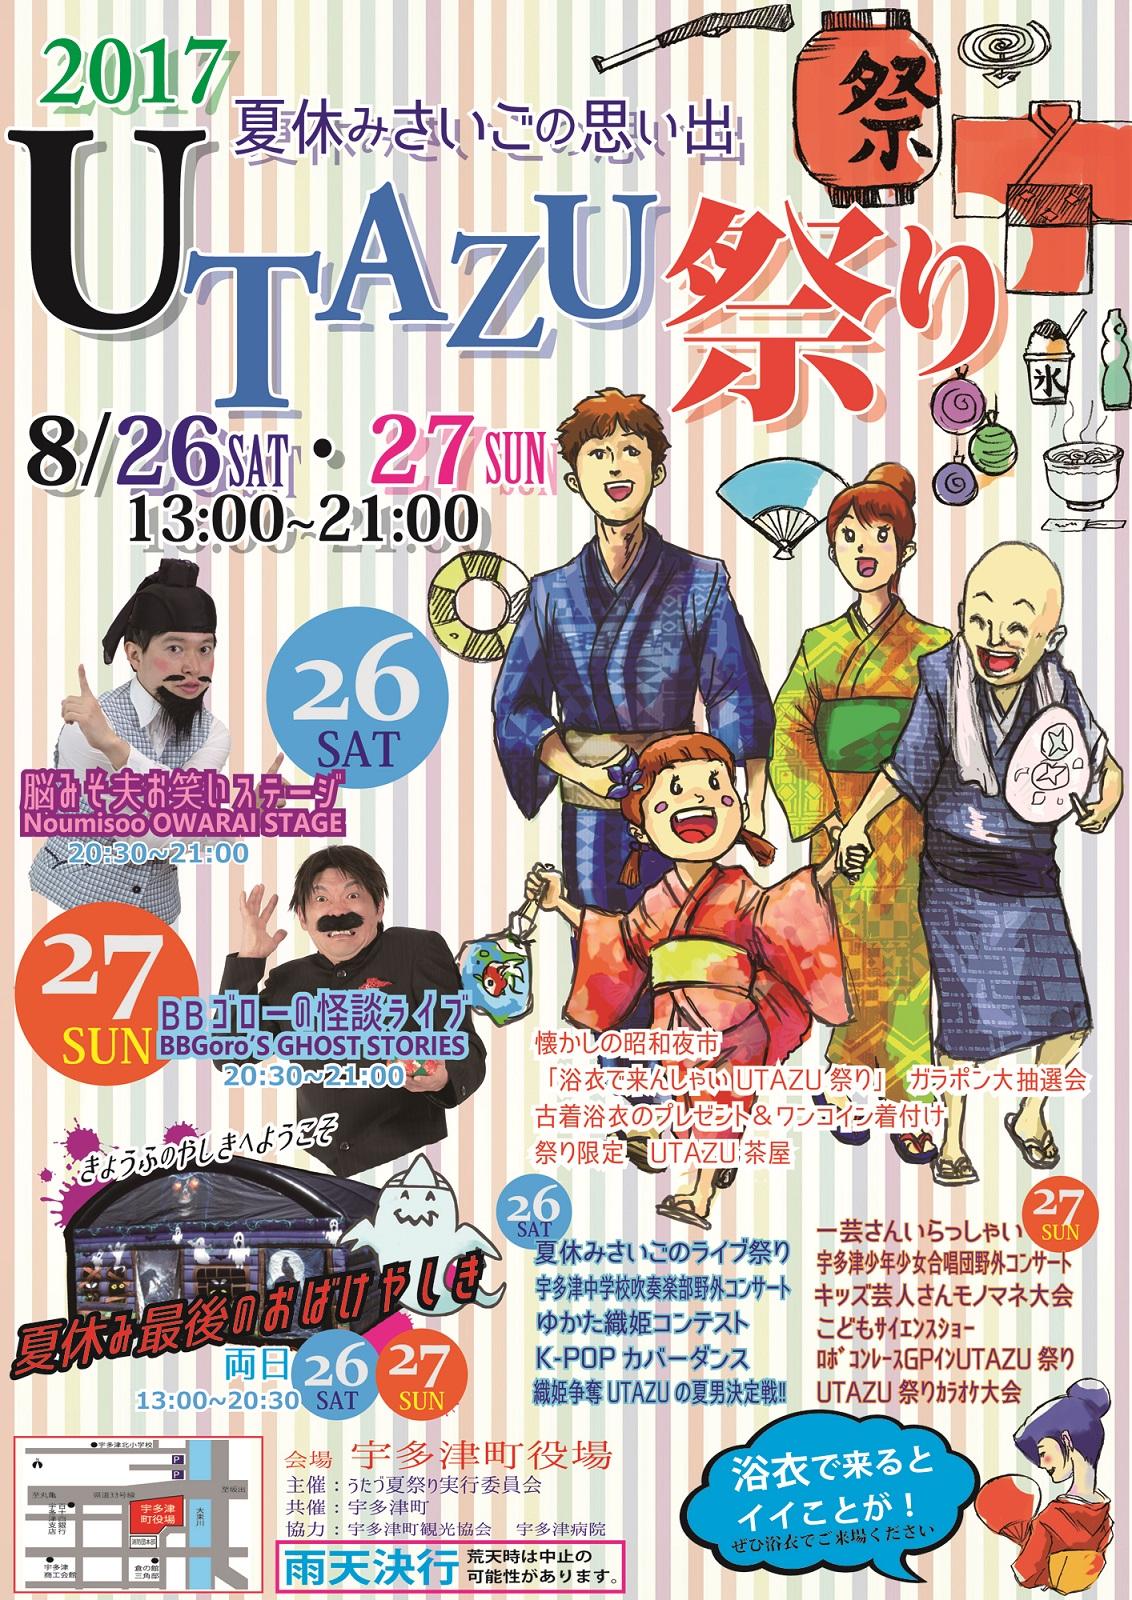 UTAZU祭り